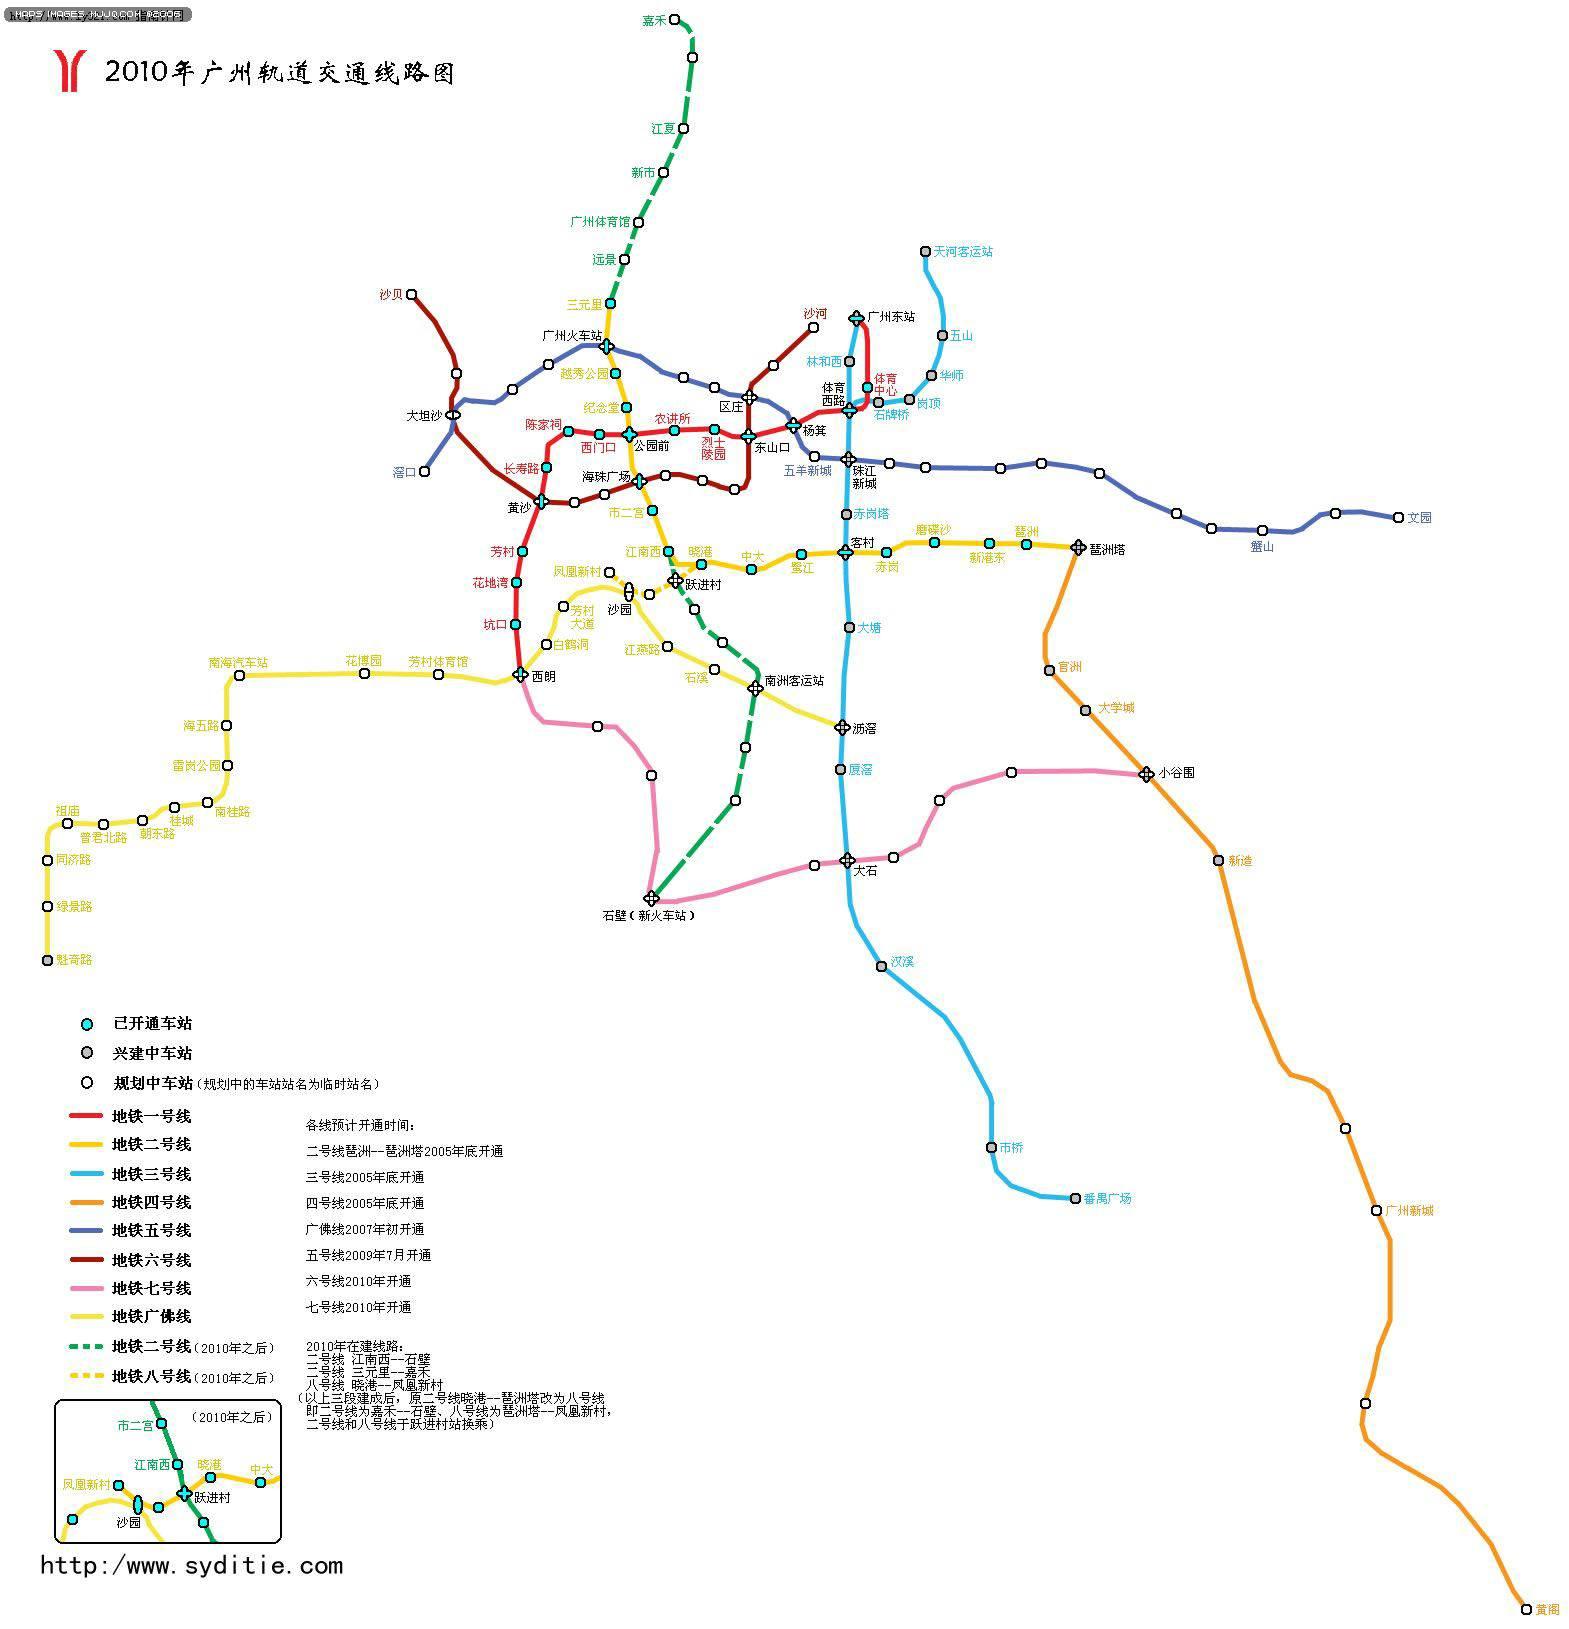 2010年廣州軌道交通線路圖 - 廣東旅遊地圖 中國地圖 - 美景旅遊網